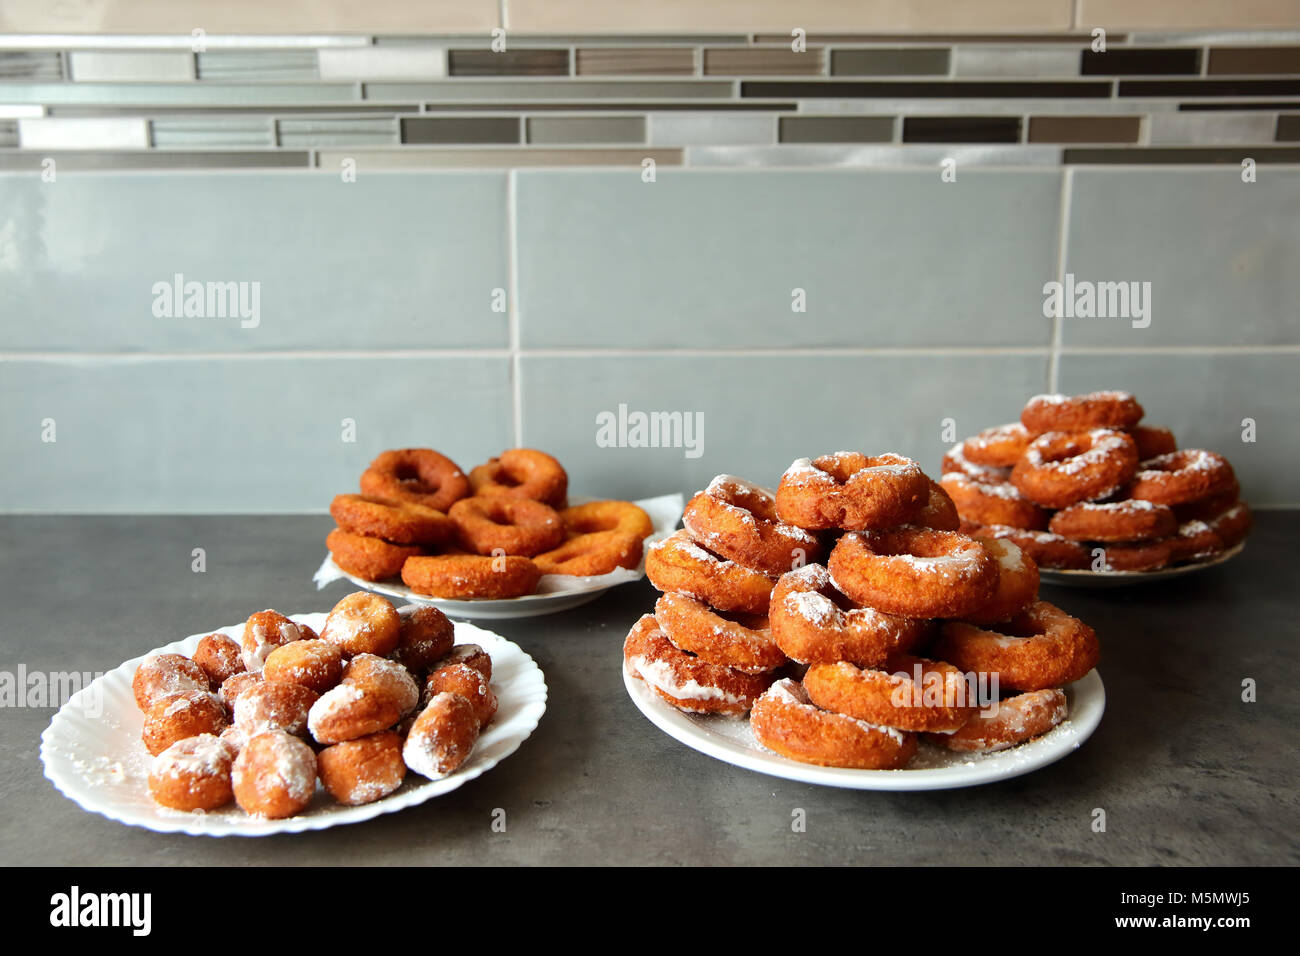 Un donut caseros, a pesar de la no-forma ideal, es un sabor superior a cualquier otro donut comprado en una tienda Imagen De Stock